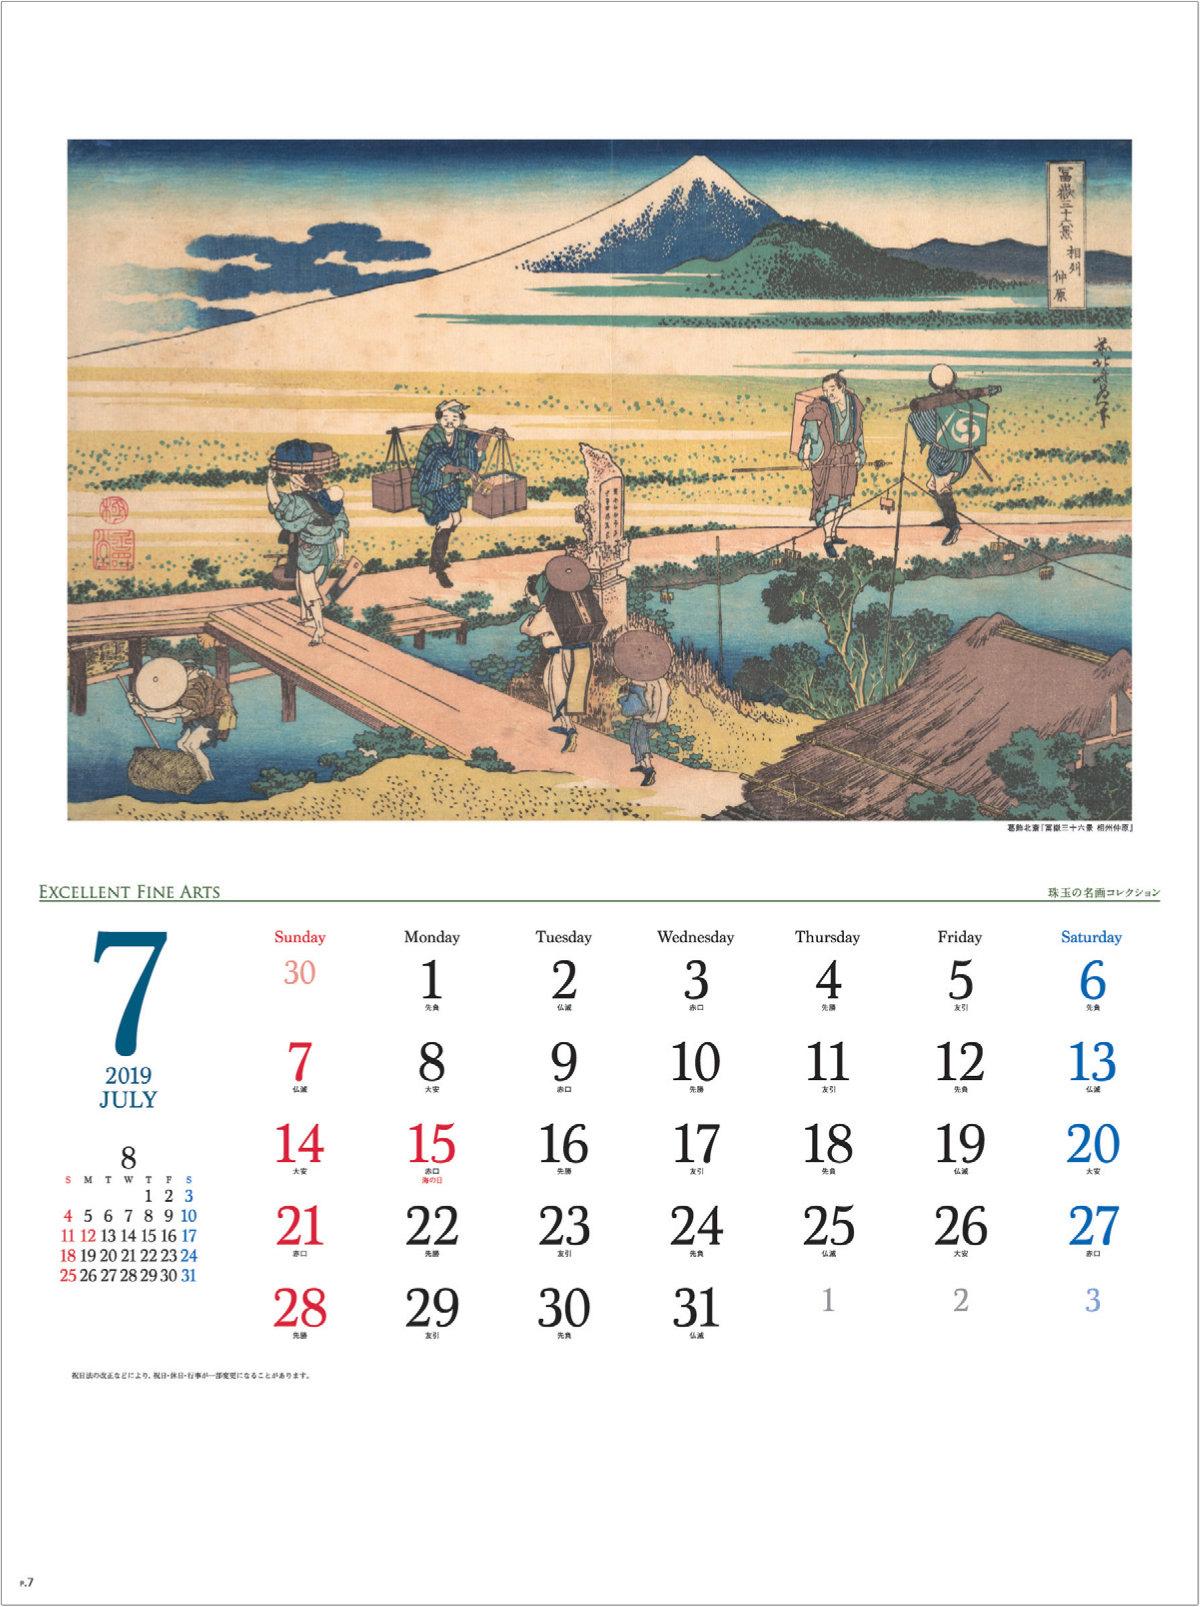 画像:葛飾北斎「富嶽三十六景 相州仲原」 珠玉の名画コレクション 2019年カレンダー